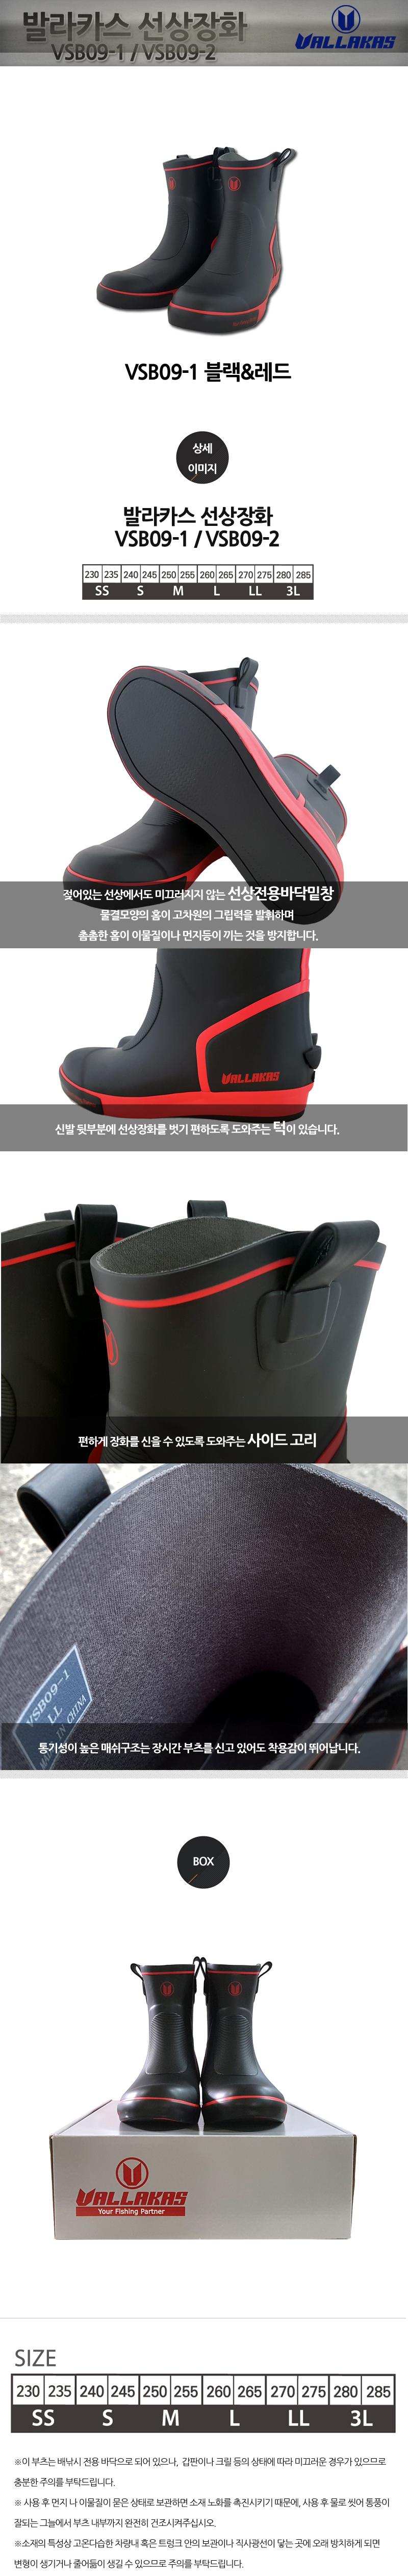 발라카스 바다낚시 선상장화 VSB09-1 블랙 선상단화 선상낚시 단화 장화 발목장화